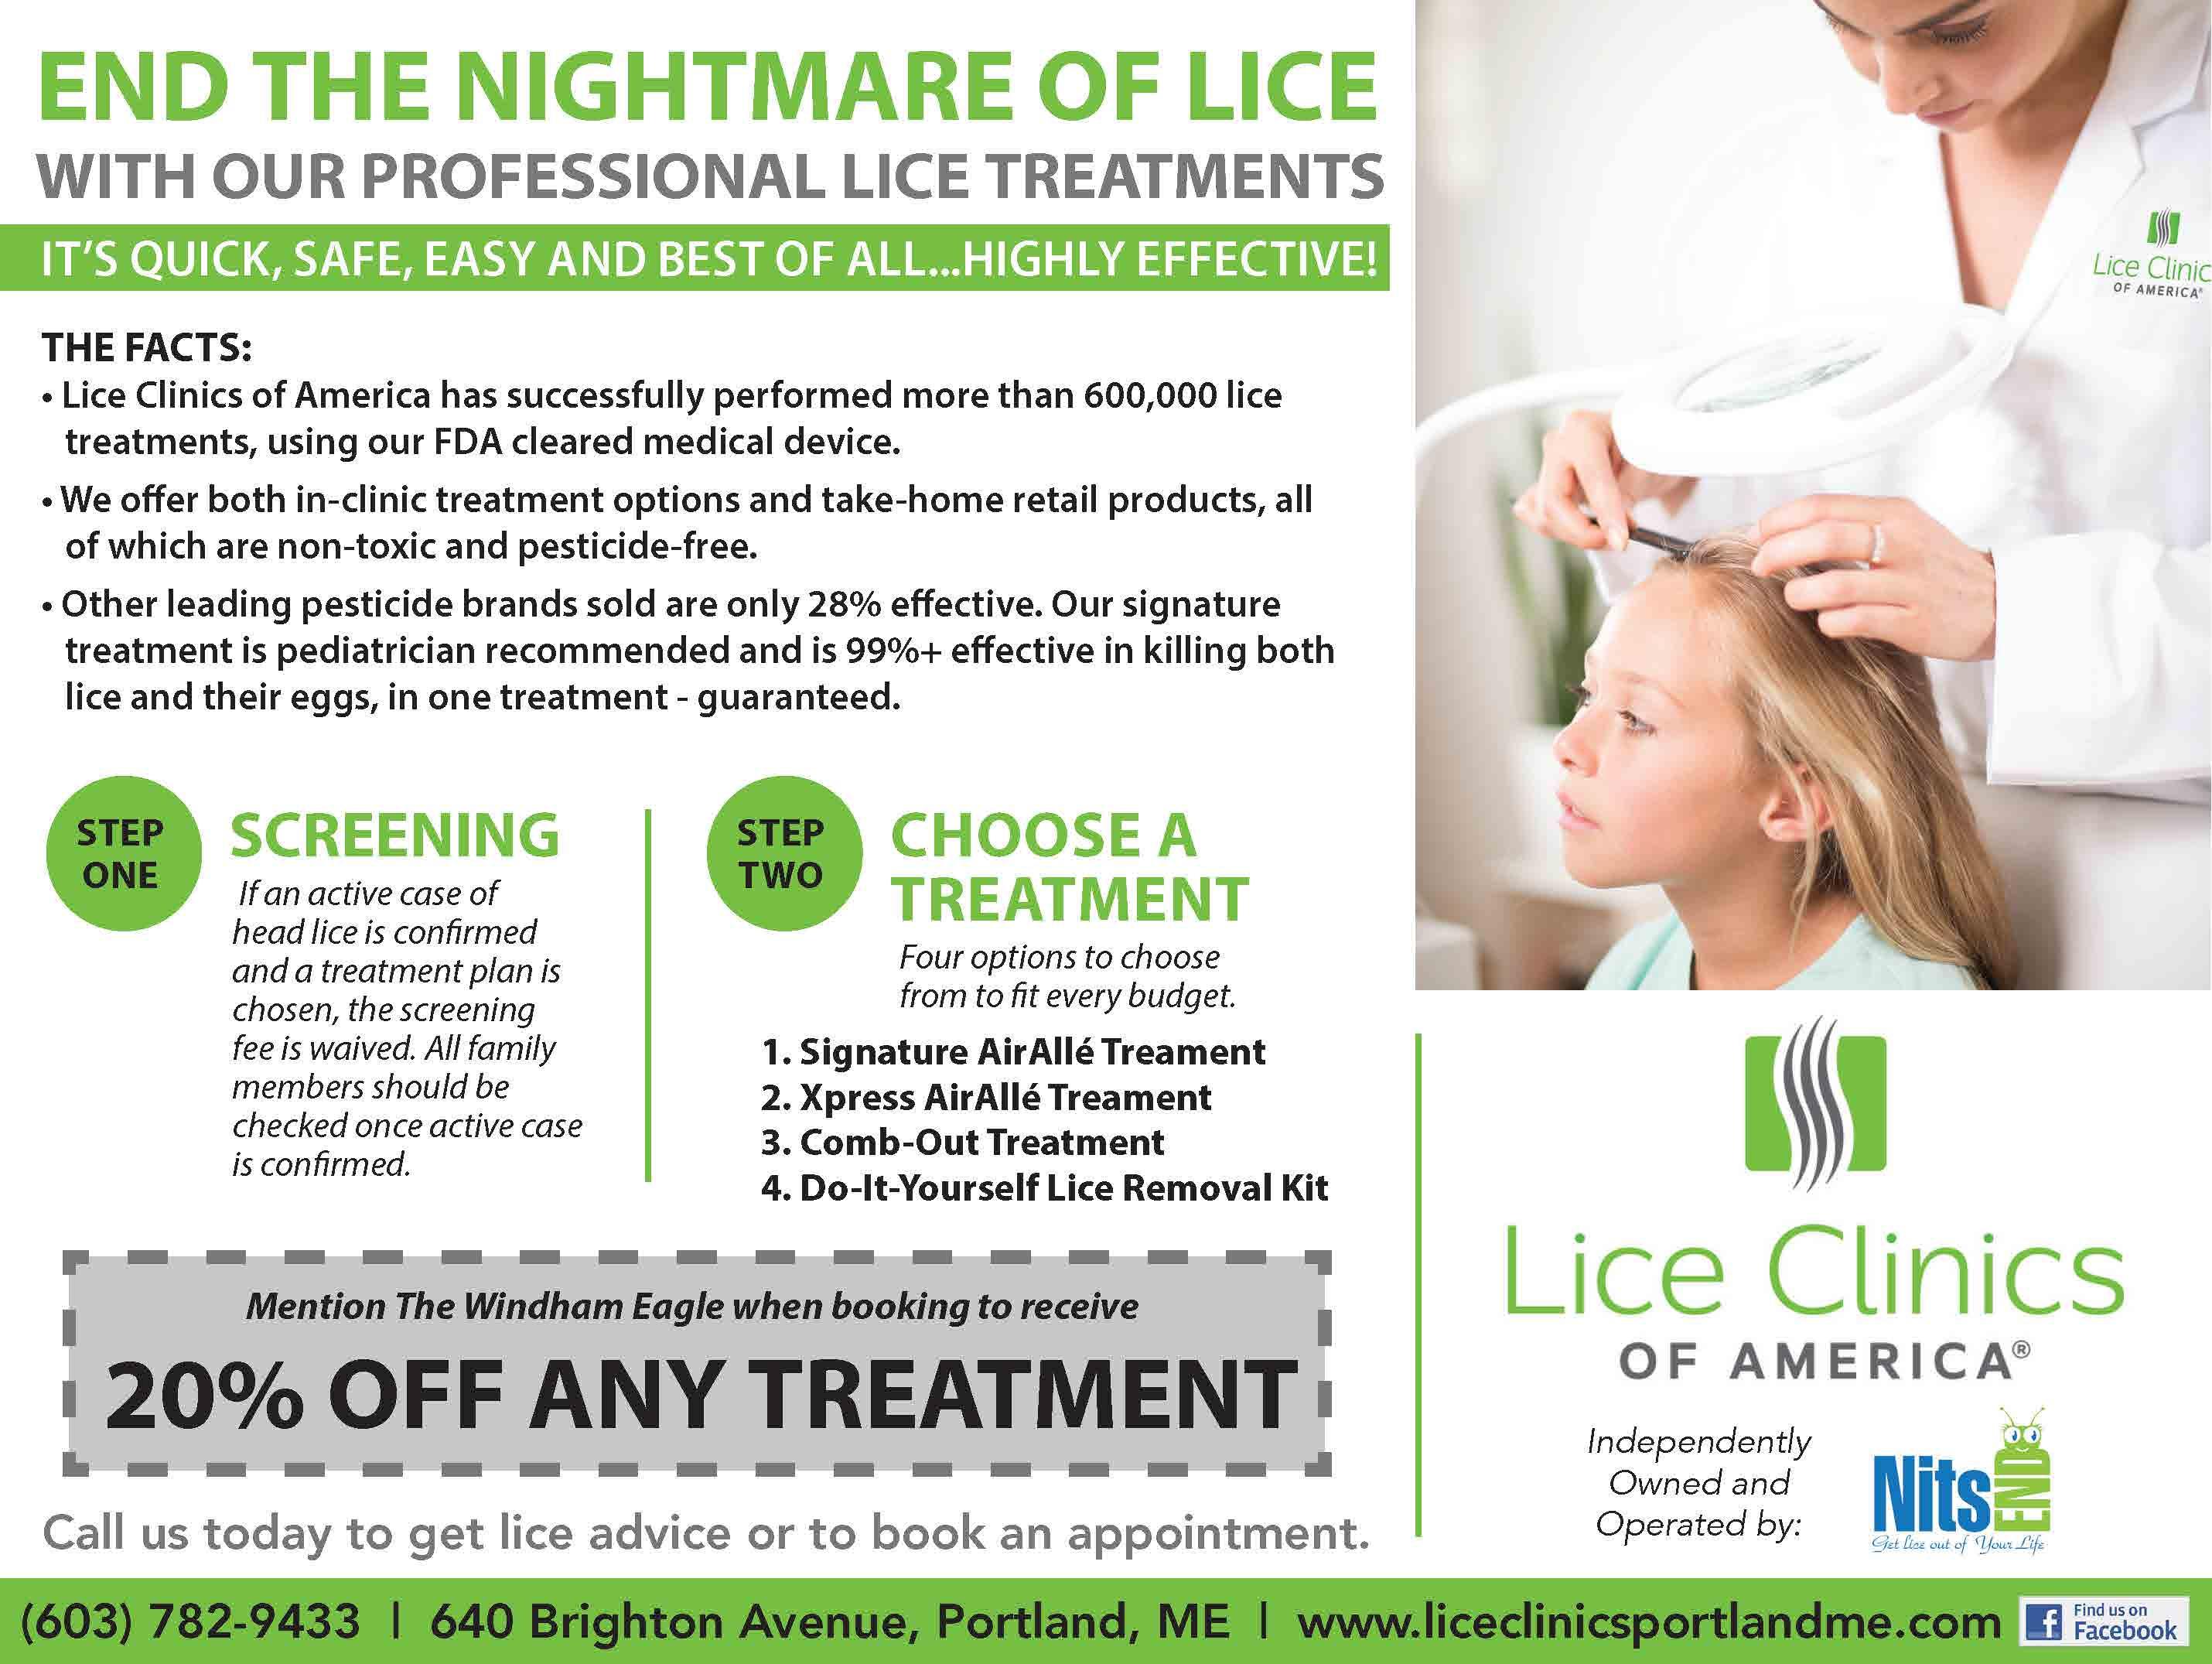 https://liceclinicsportlandme.com/